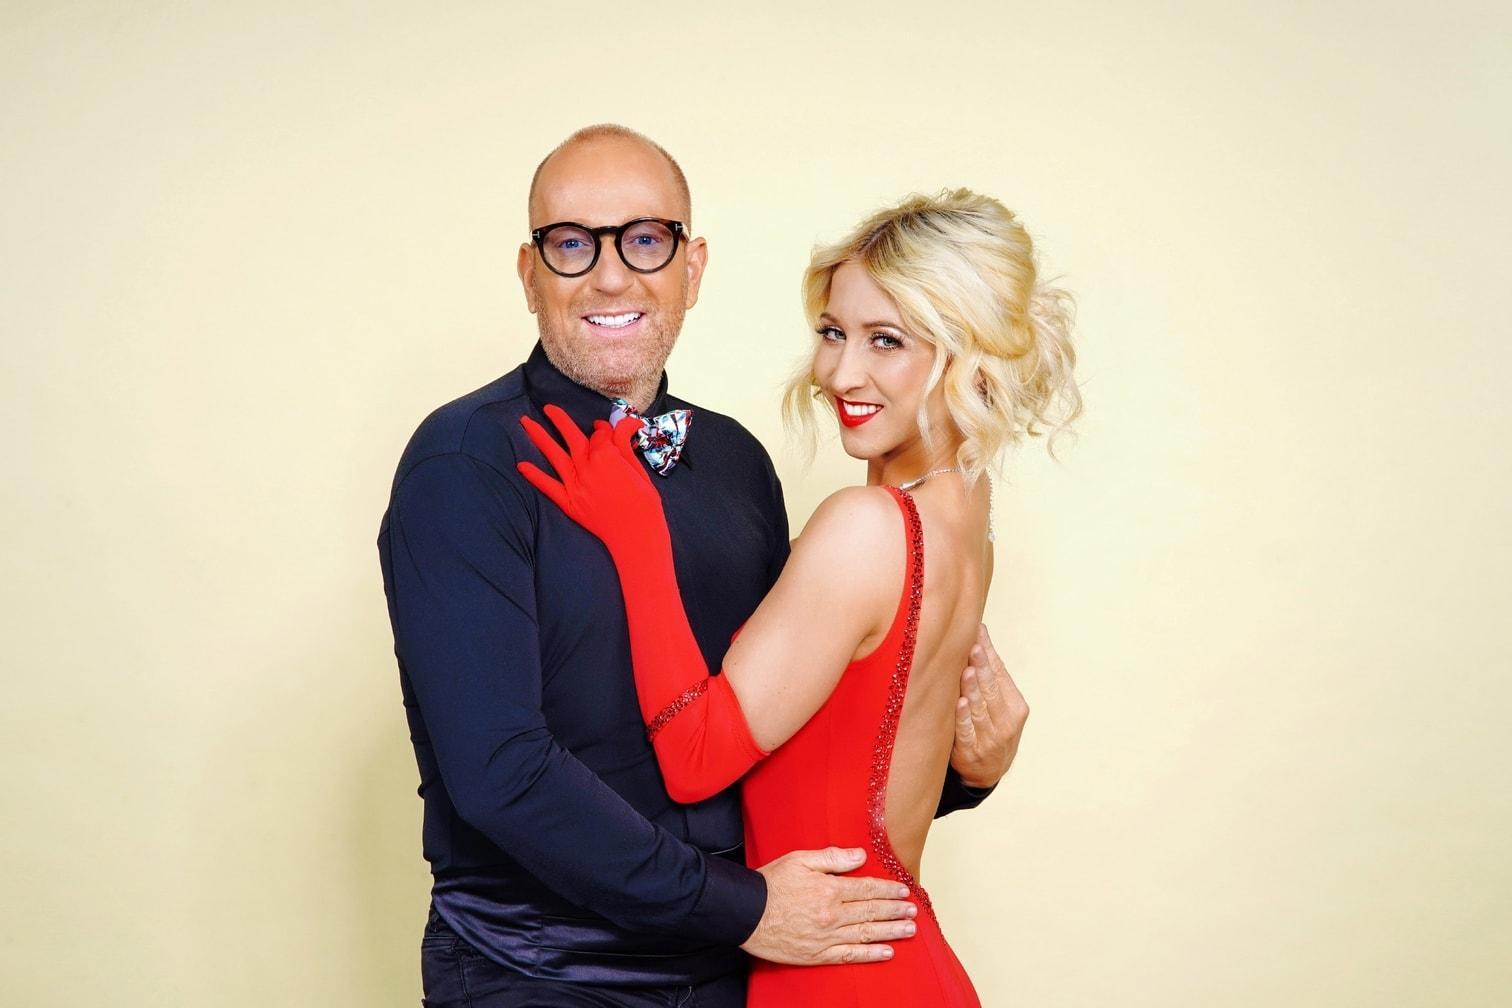 <p>Für Lukas Rieger und Katja Kalugina war in der dritten Live-Show Schluss. Sie sind raus!</p> Foto: TVNOW / Stefan Gregorowius